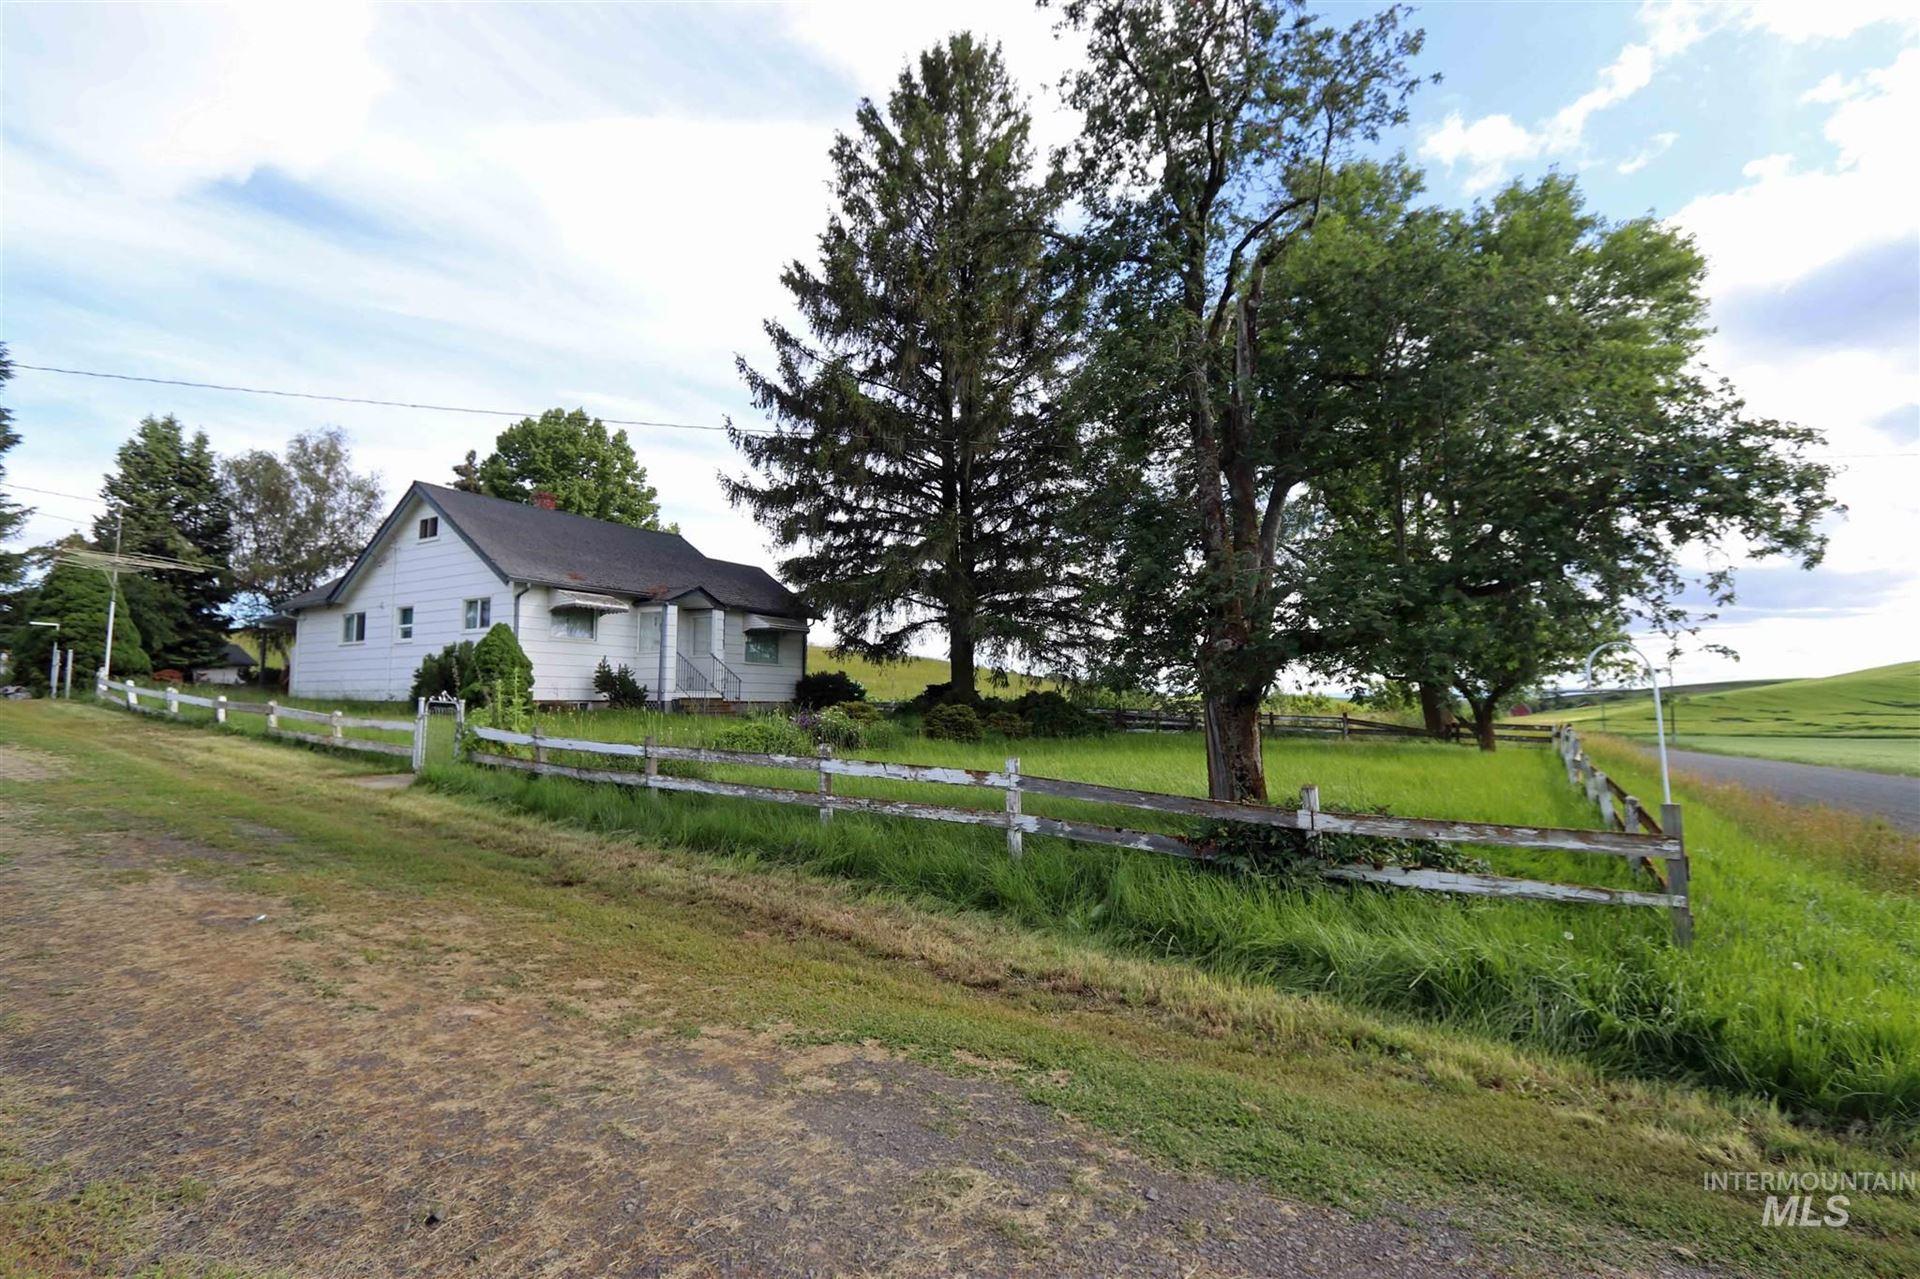 Photo of 1176 Sprenger Road, Genesee, ID 83832 (MLS # 98771991)